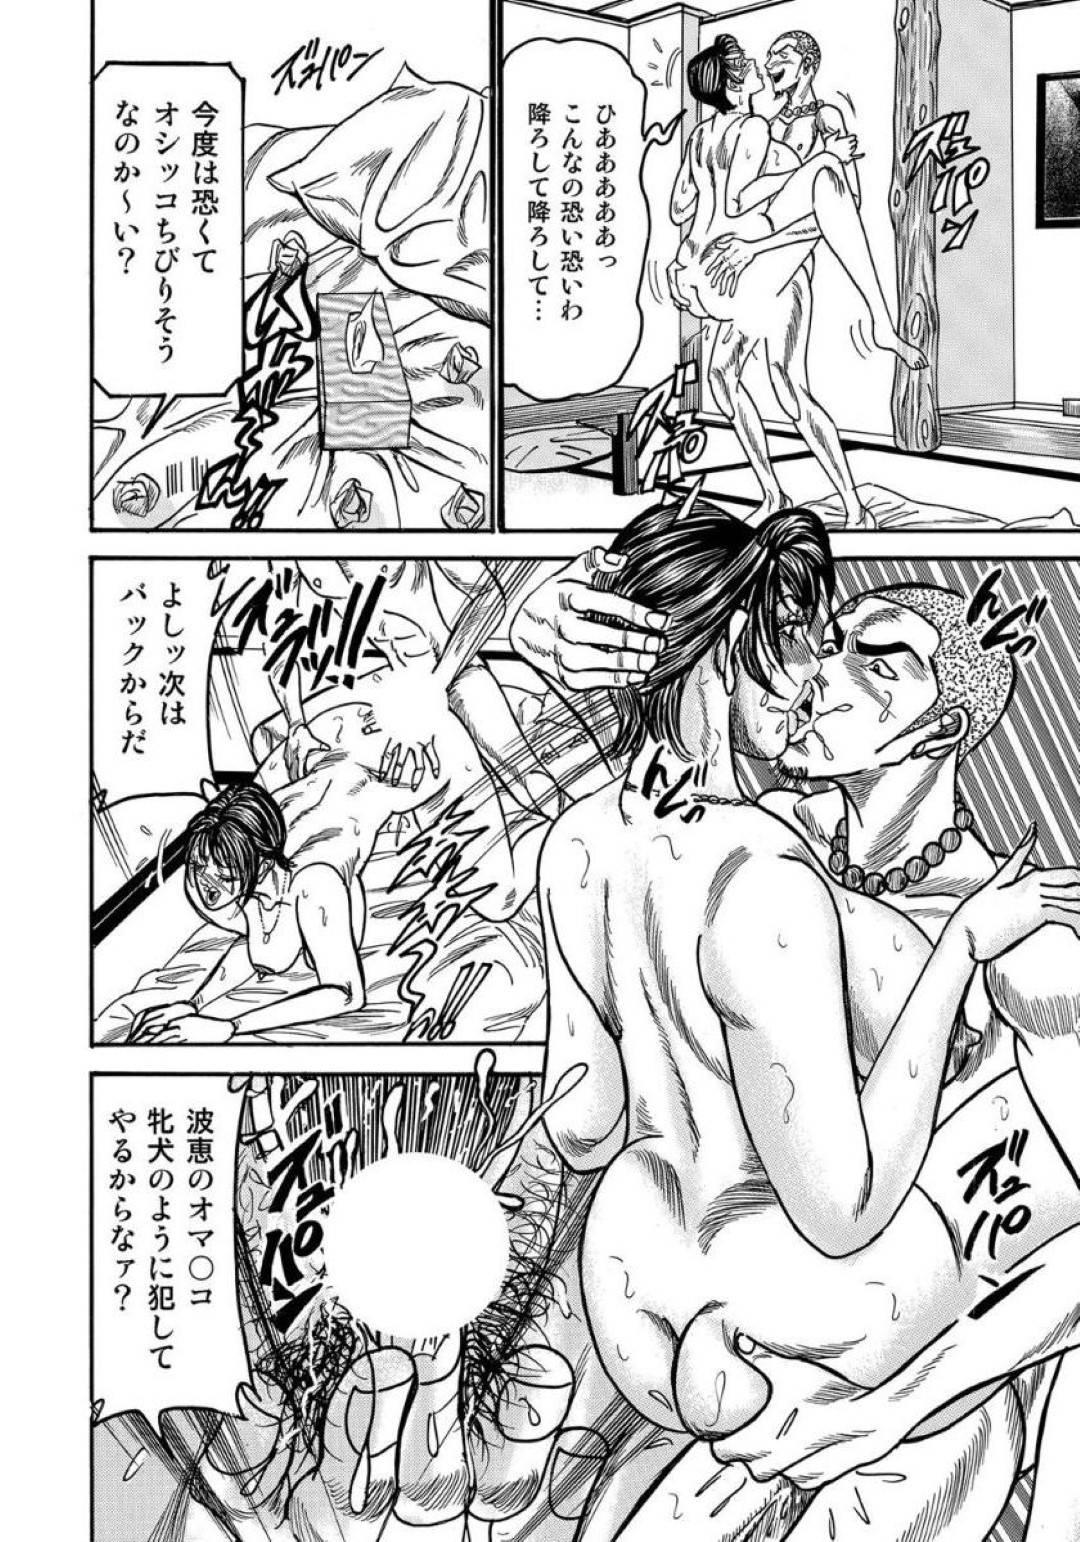 若い男に夜這いされちゃうエロい身体の熟女…レイプされちゃってクンニからのキスしたり中出しセックスでだいしゅきホールドしちゃう!【エンジ:熟女の水着が濡れる季節】